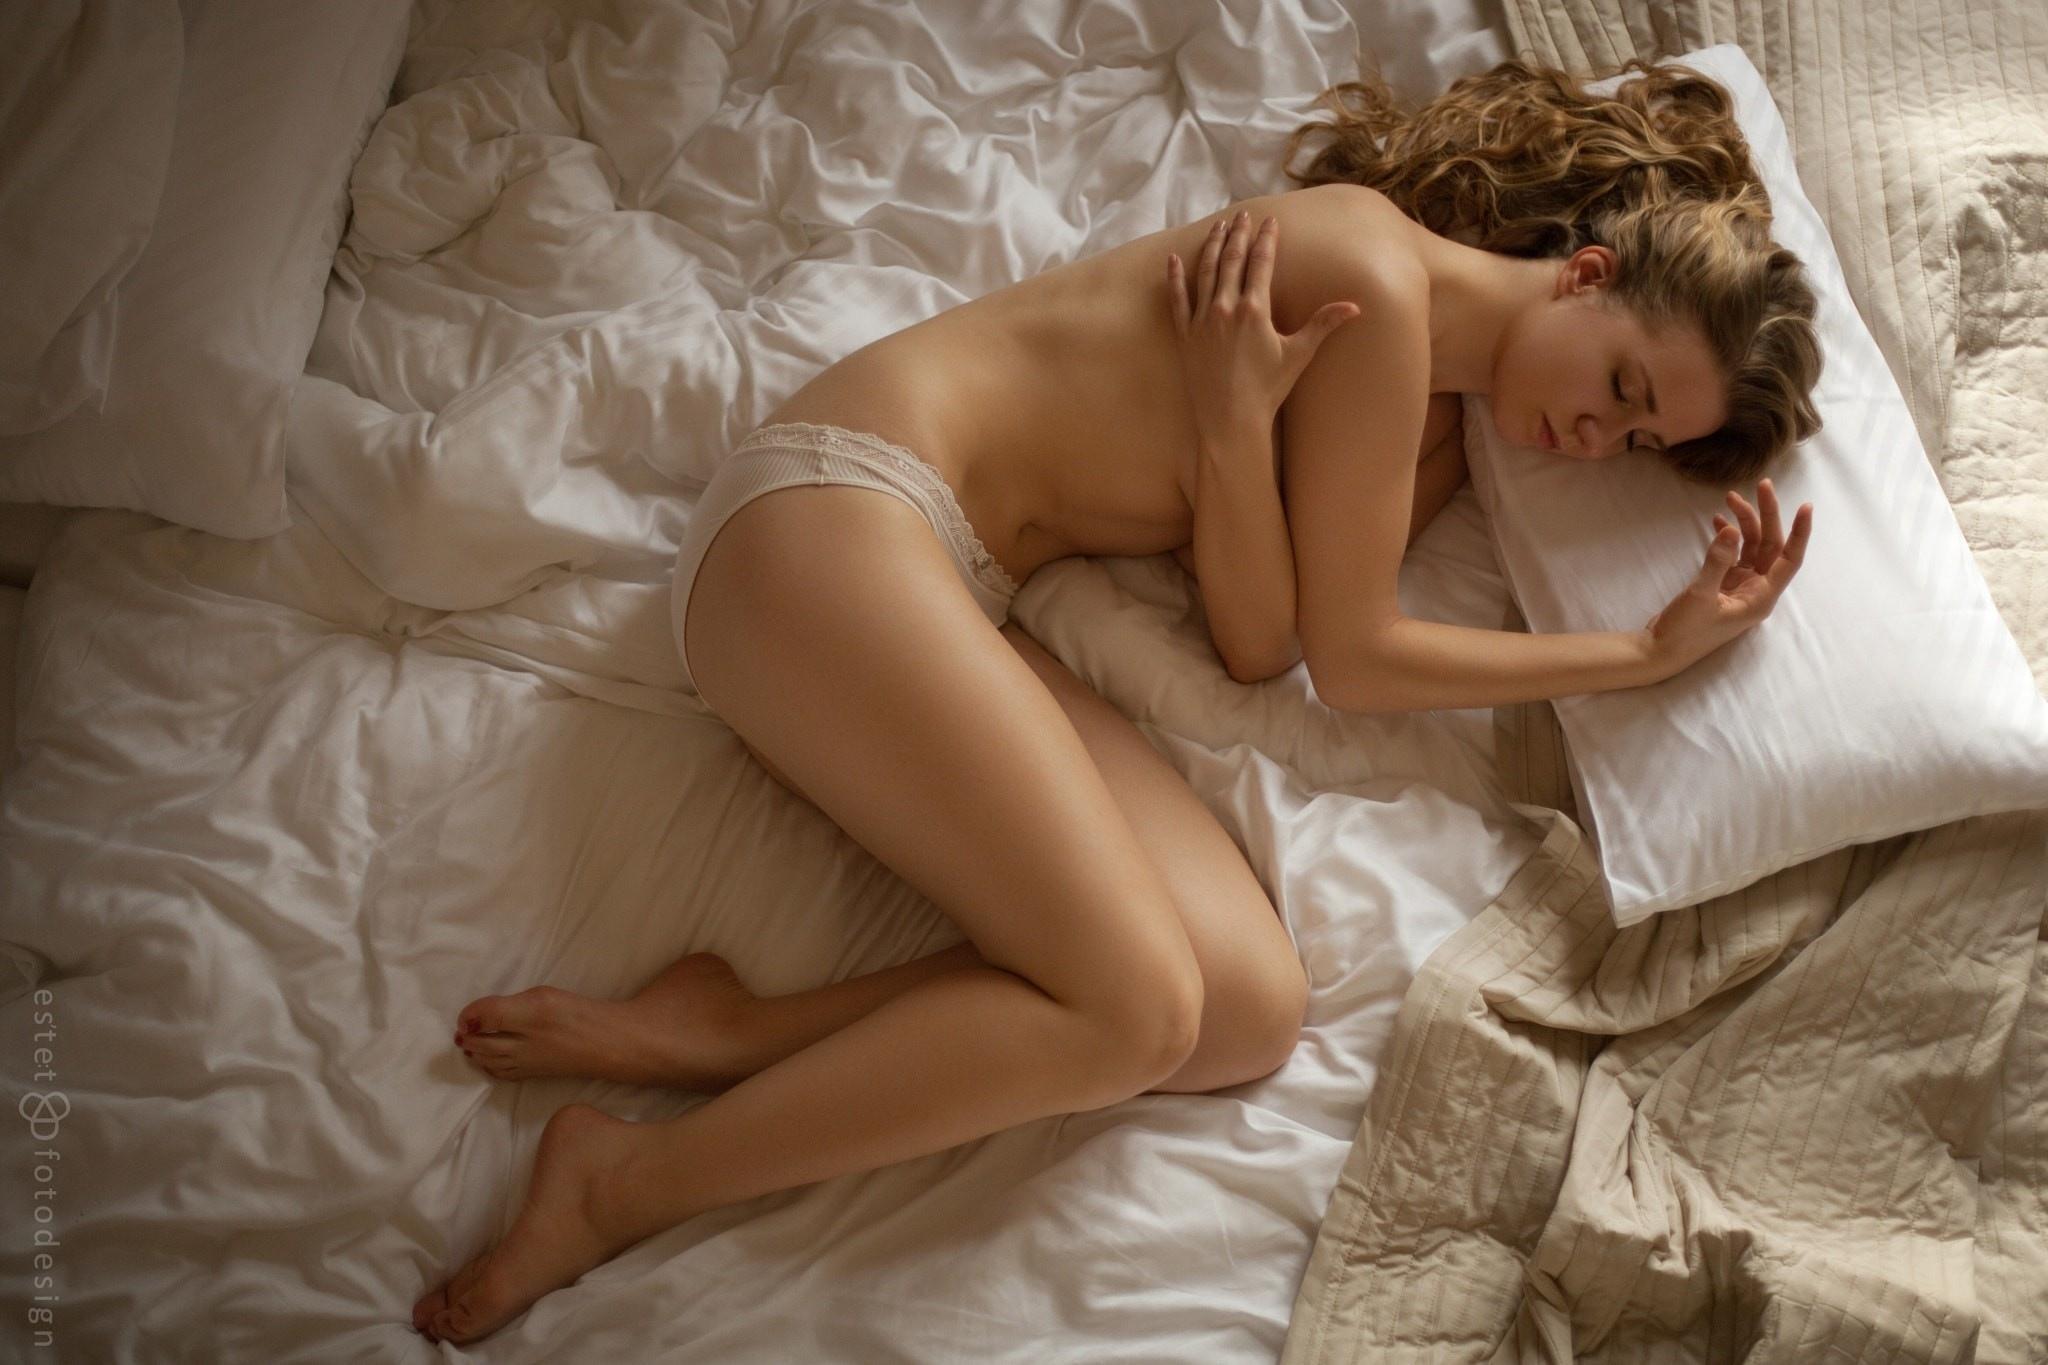 Беременной снятся эротические сны